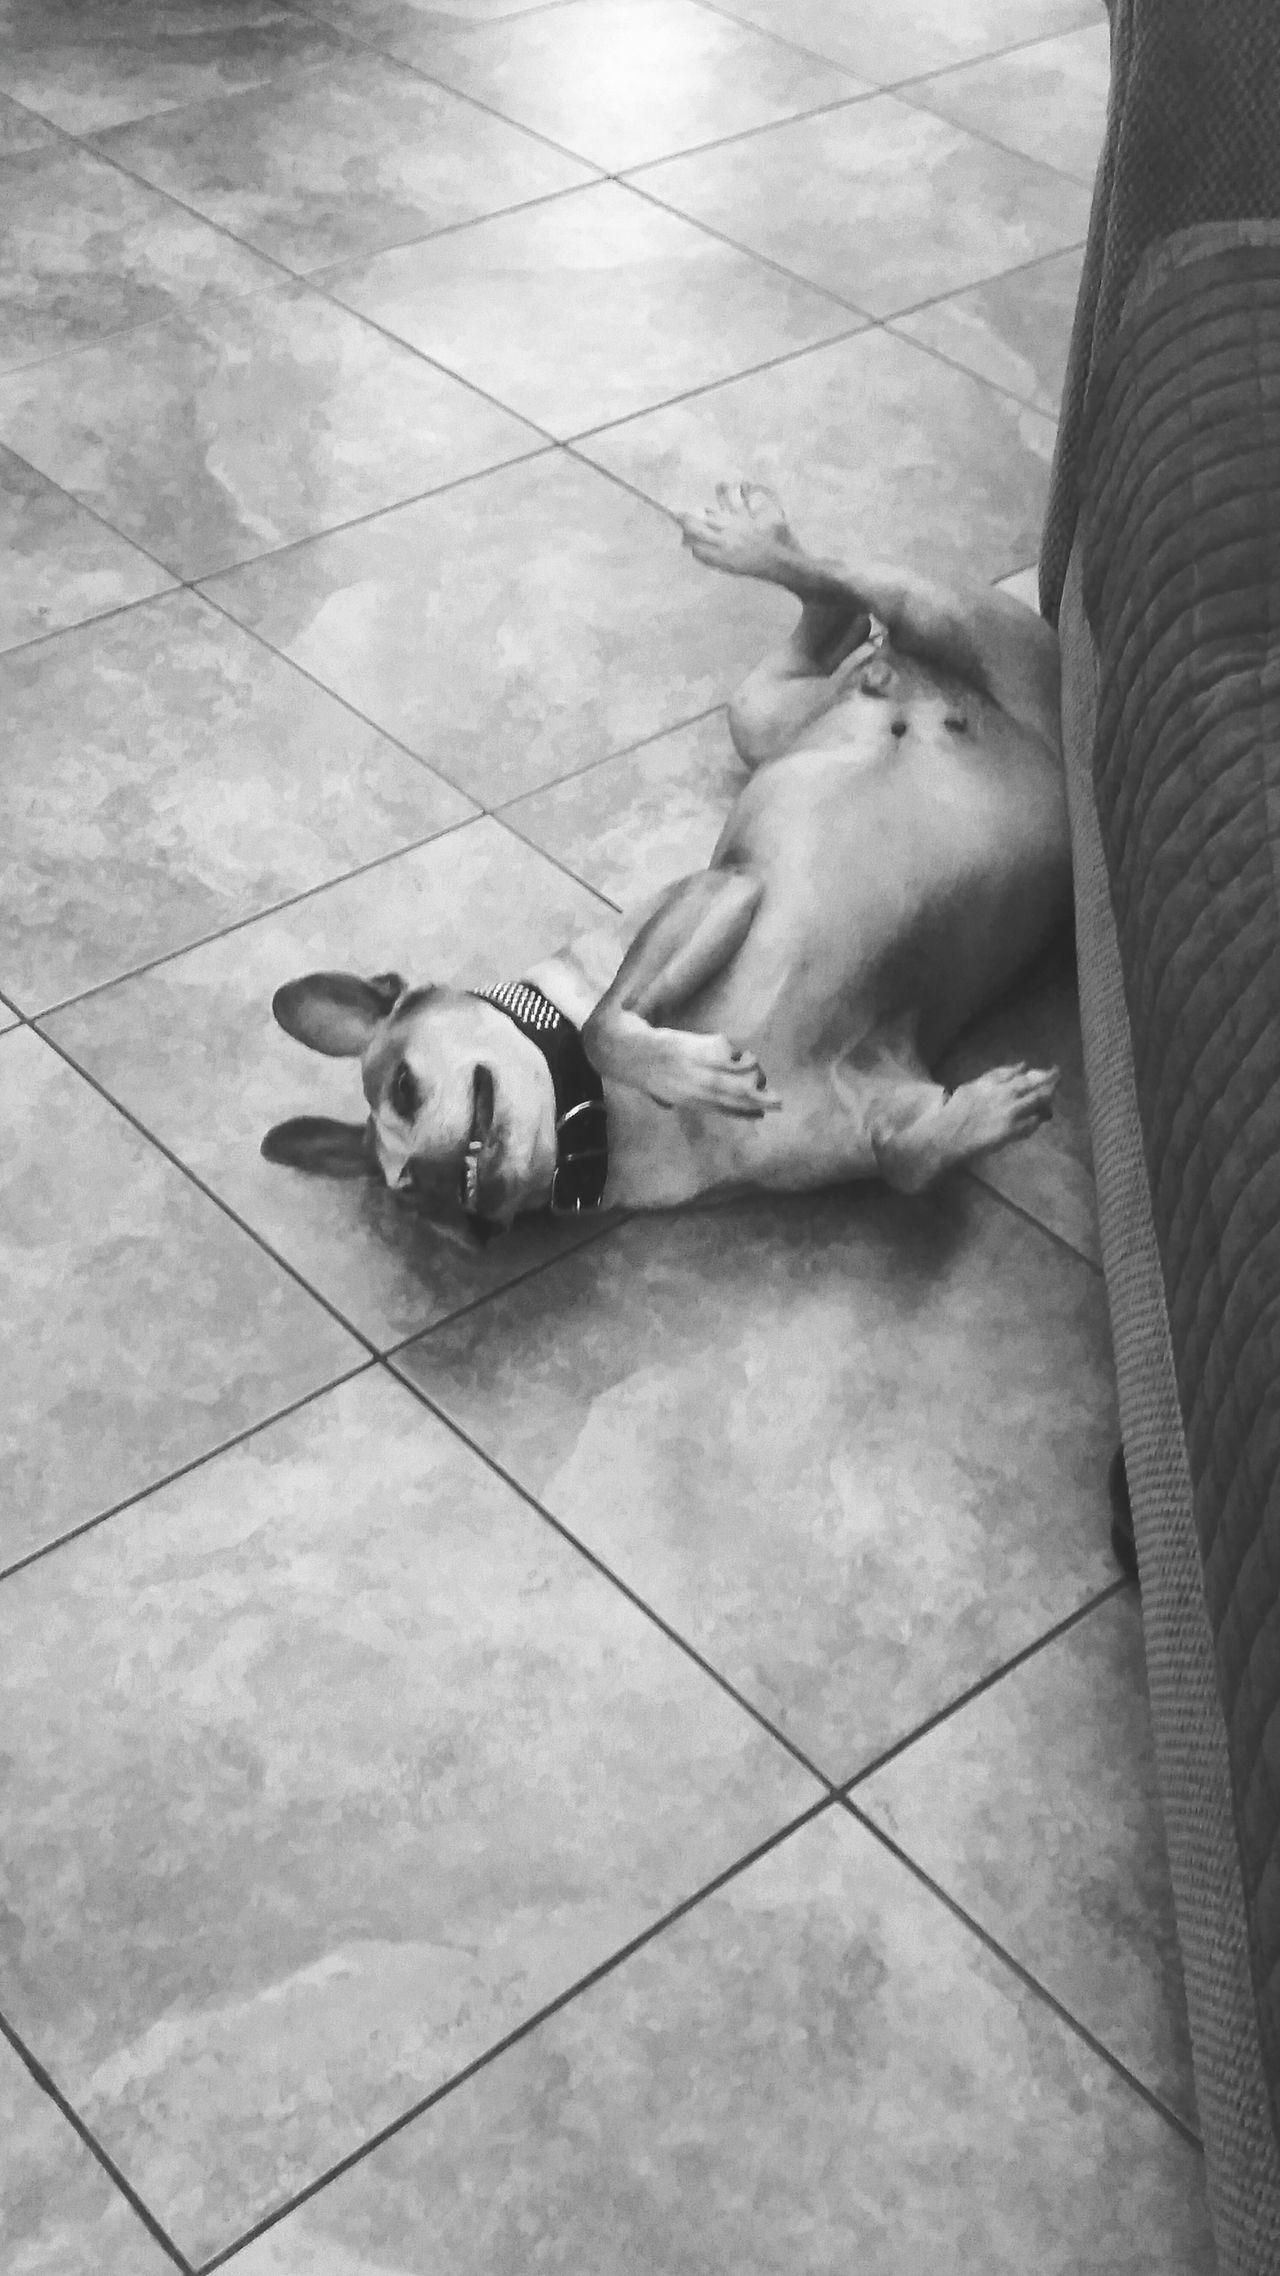 How i sleep all day long lol Pitbull Lives Matter Dog Lover Animal Love Dog World